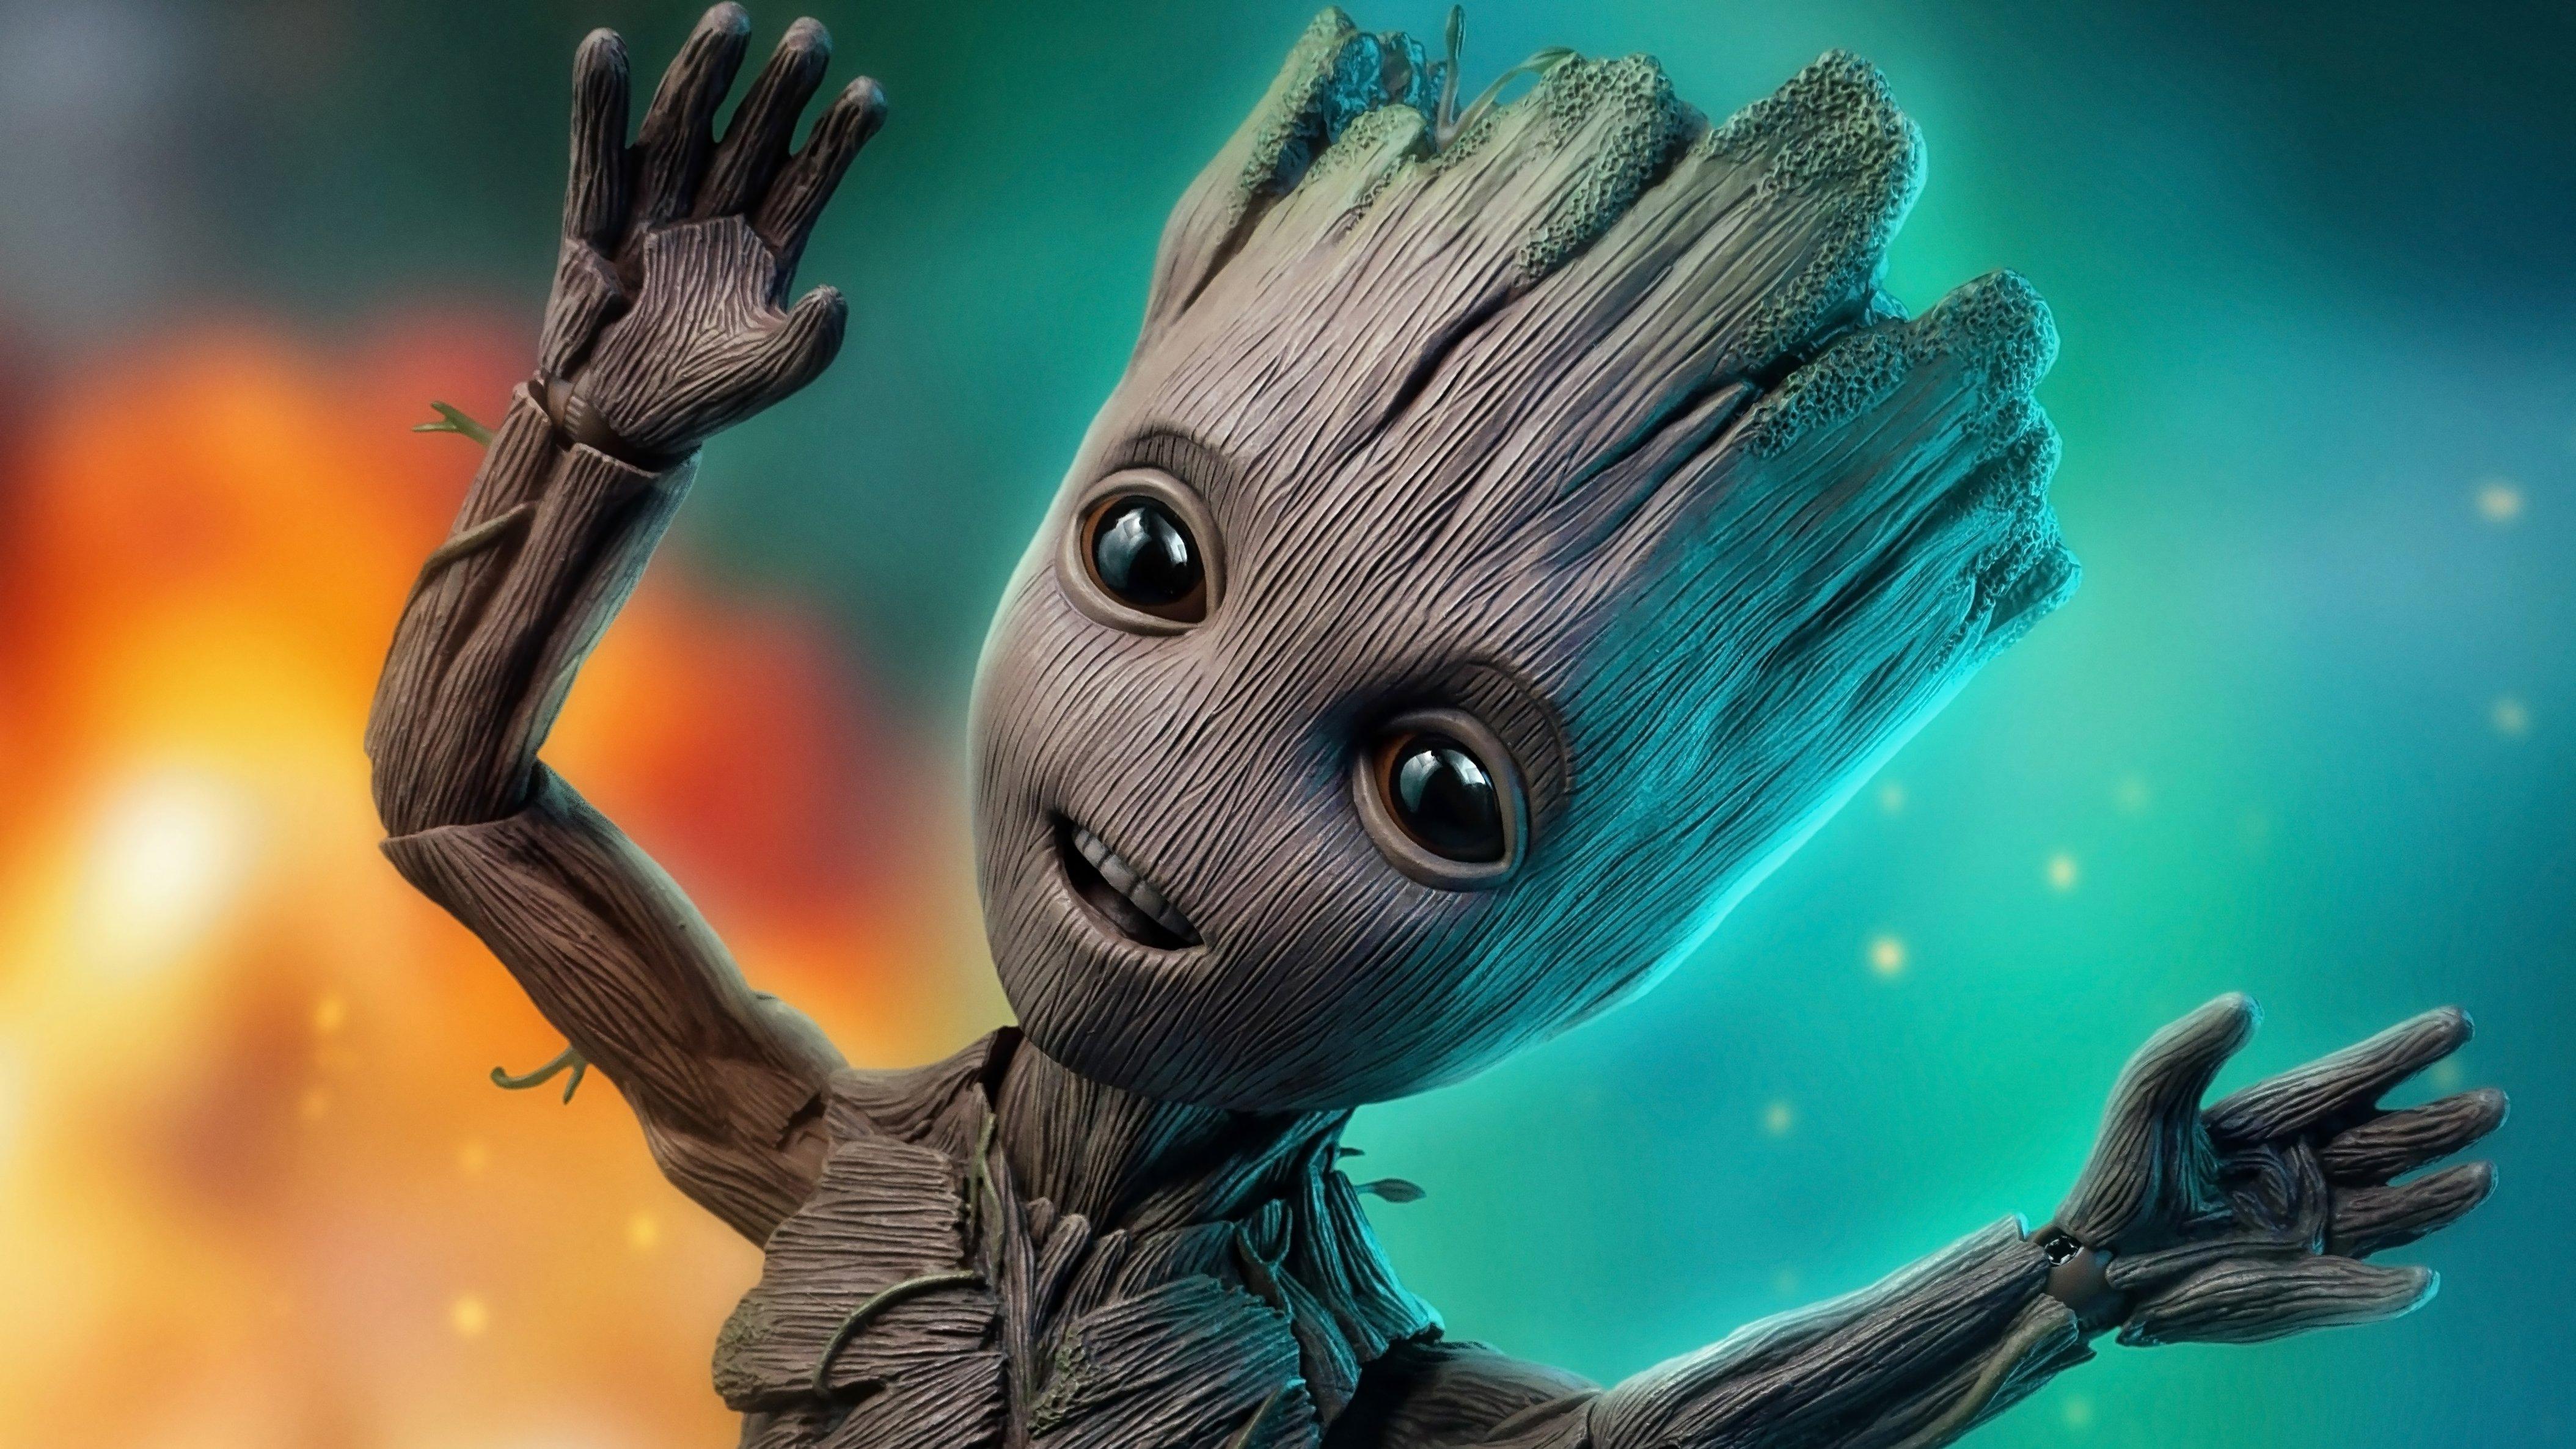 Fondos de pantalla Baby Groot de Guardianes de la Galaxia